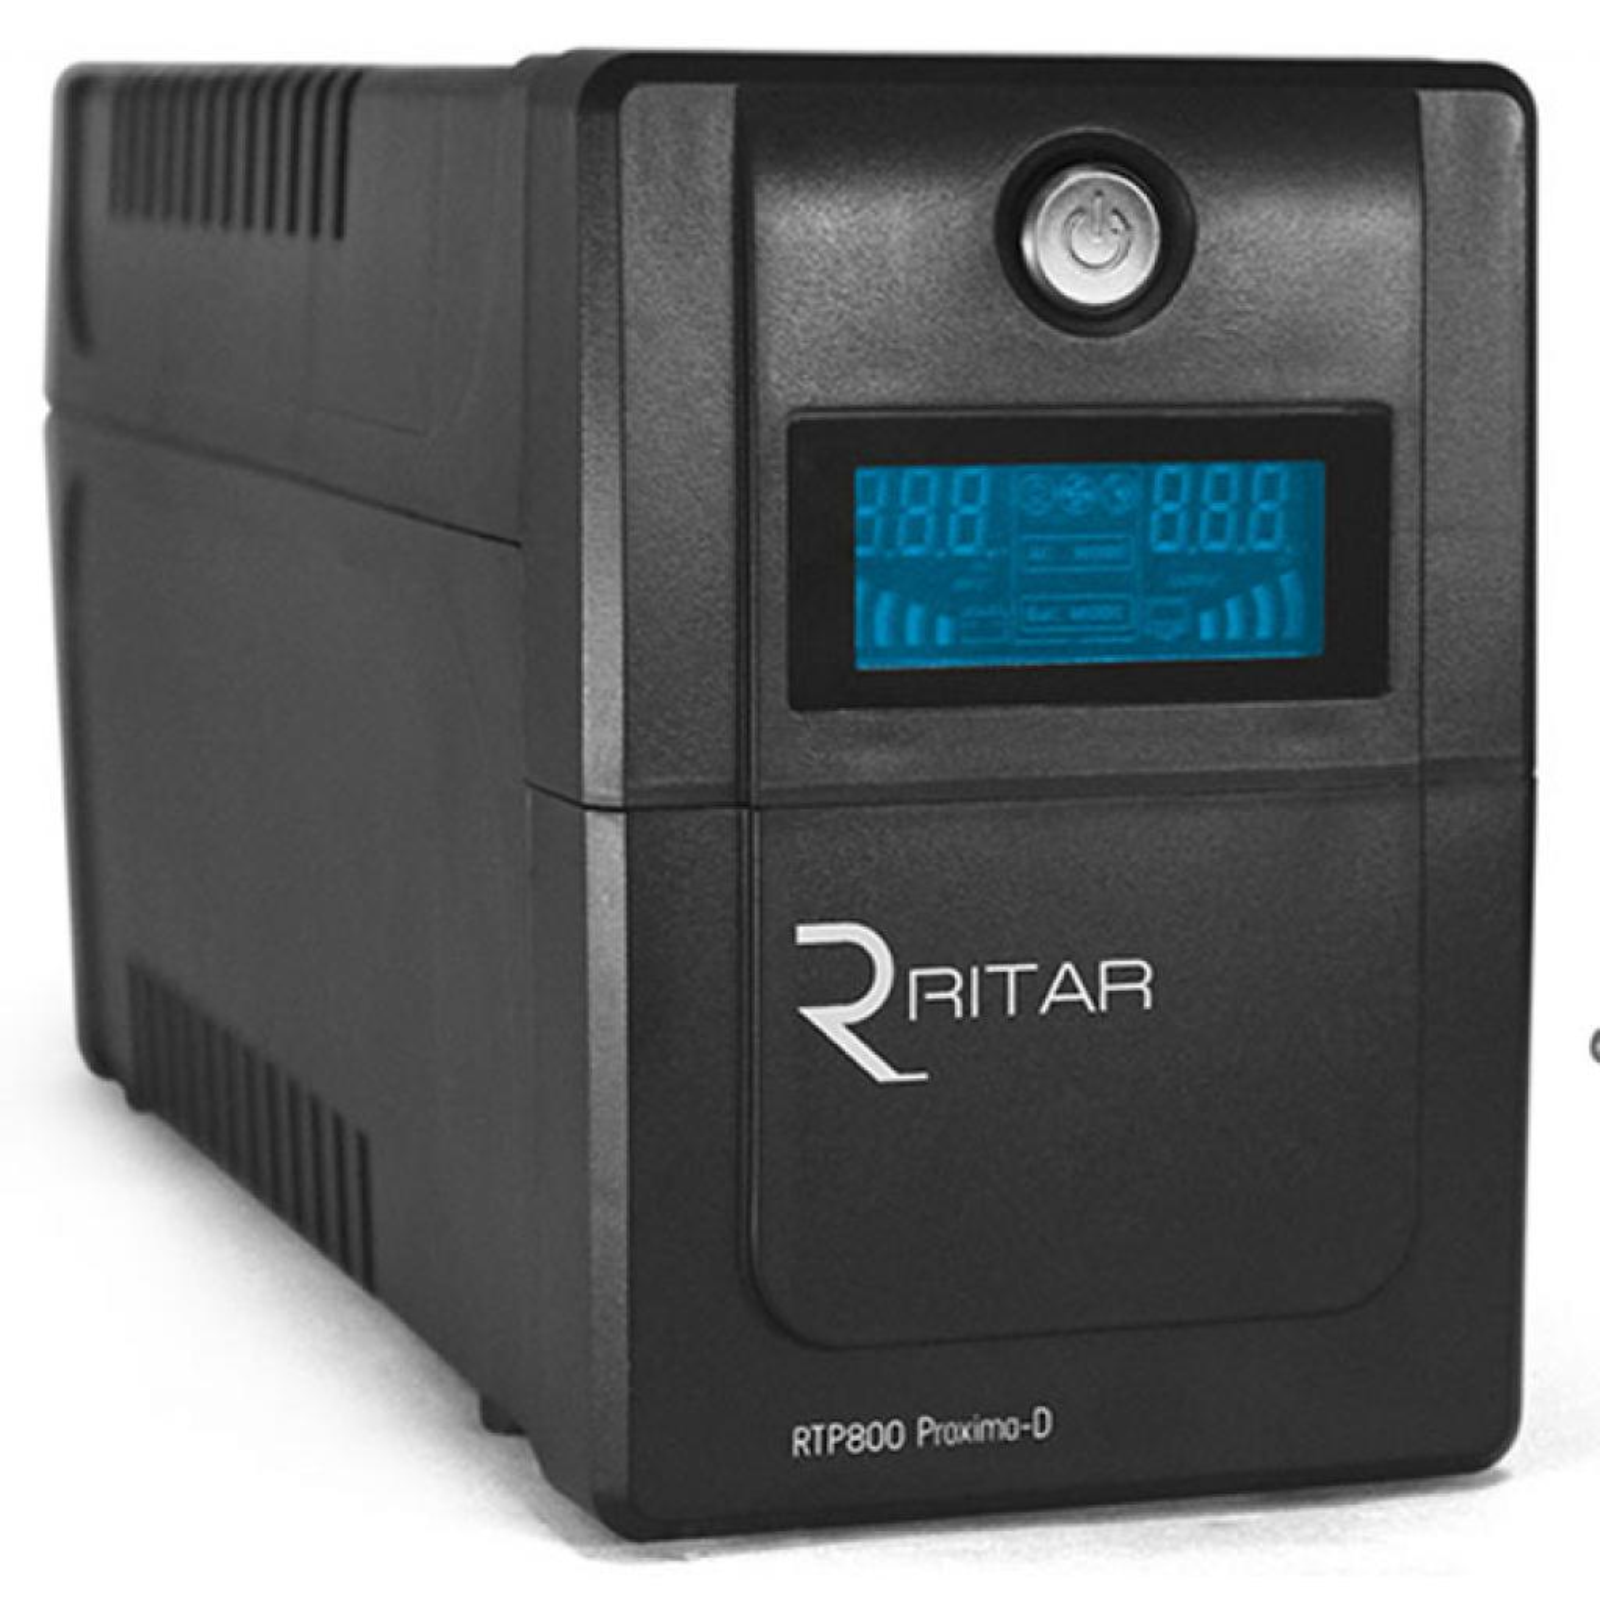 Источник бесперебойного питания Ritar RTP800 (480W) Proxima-D (RTP800D)